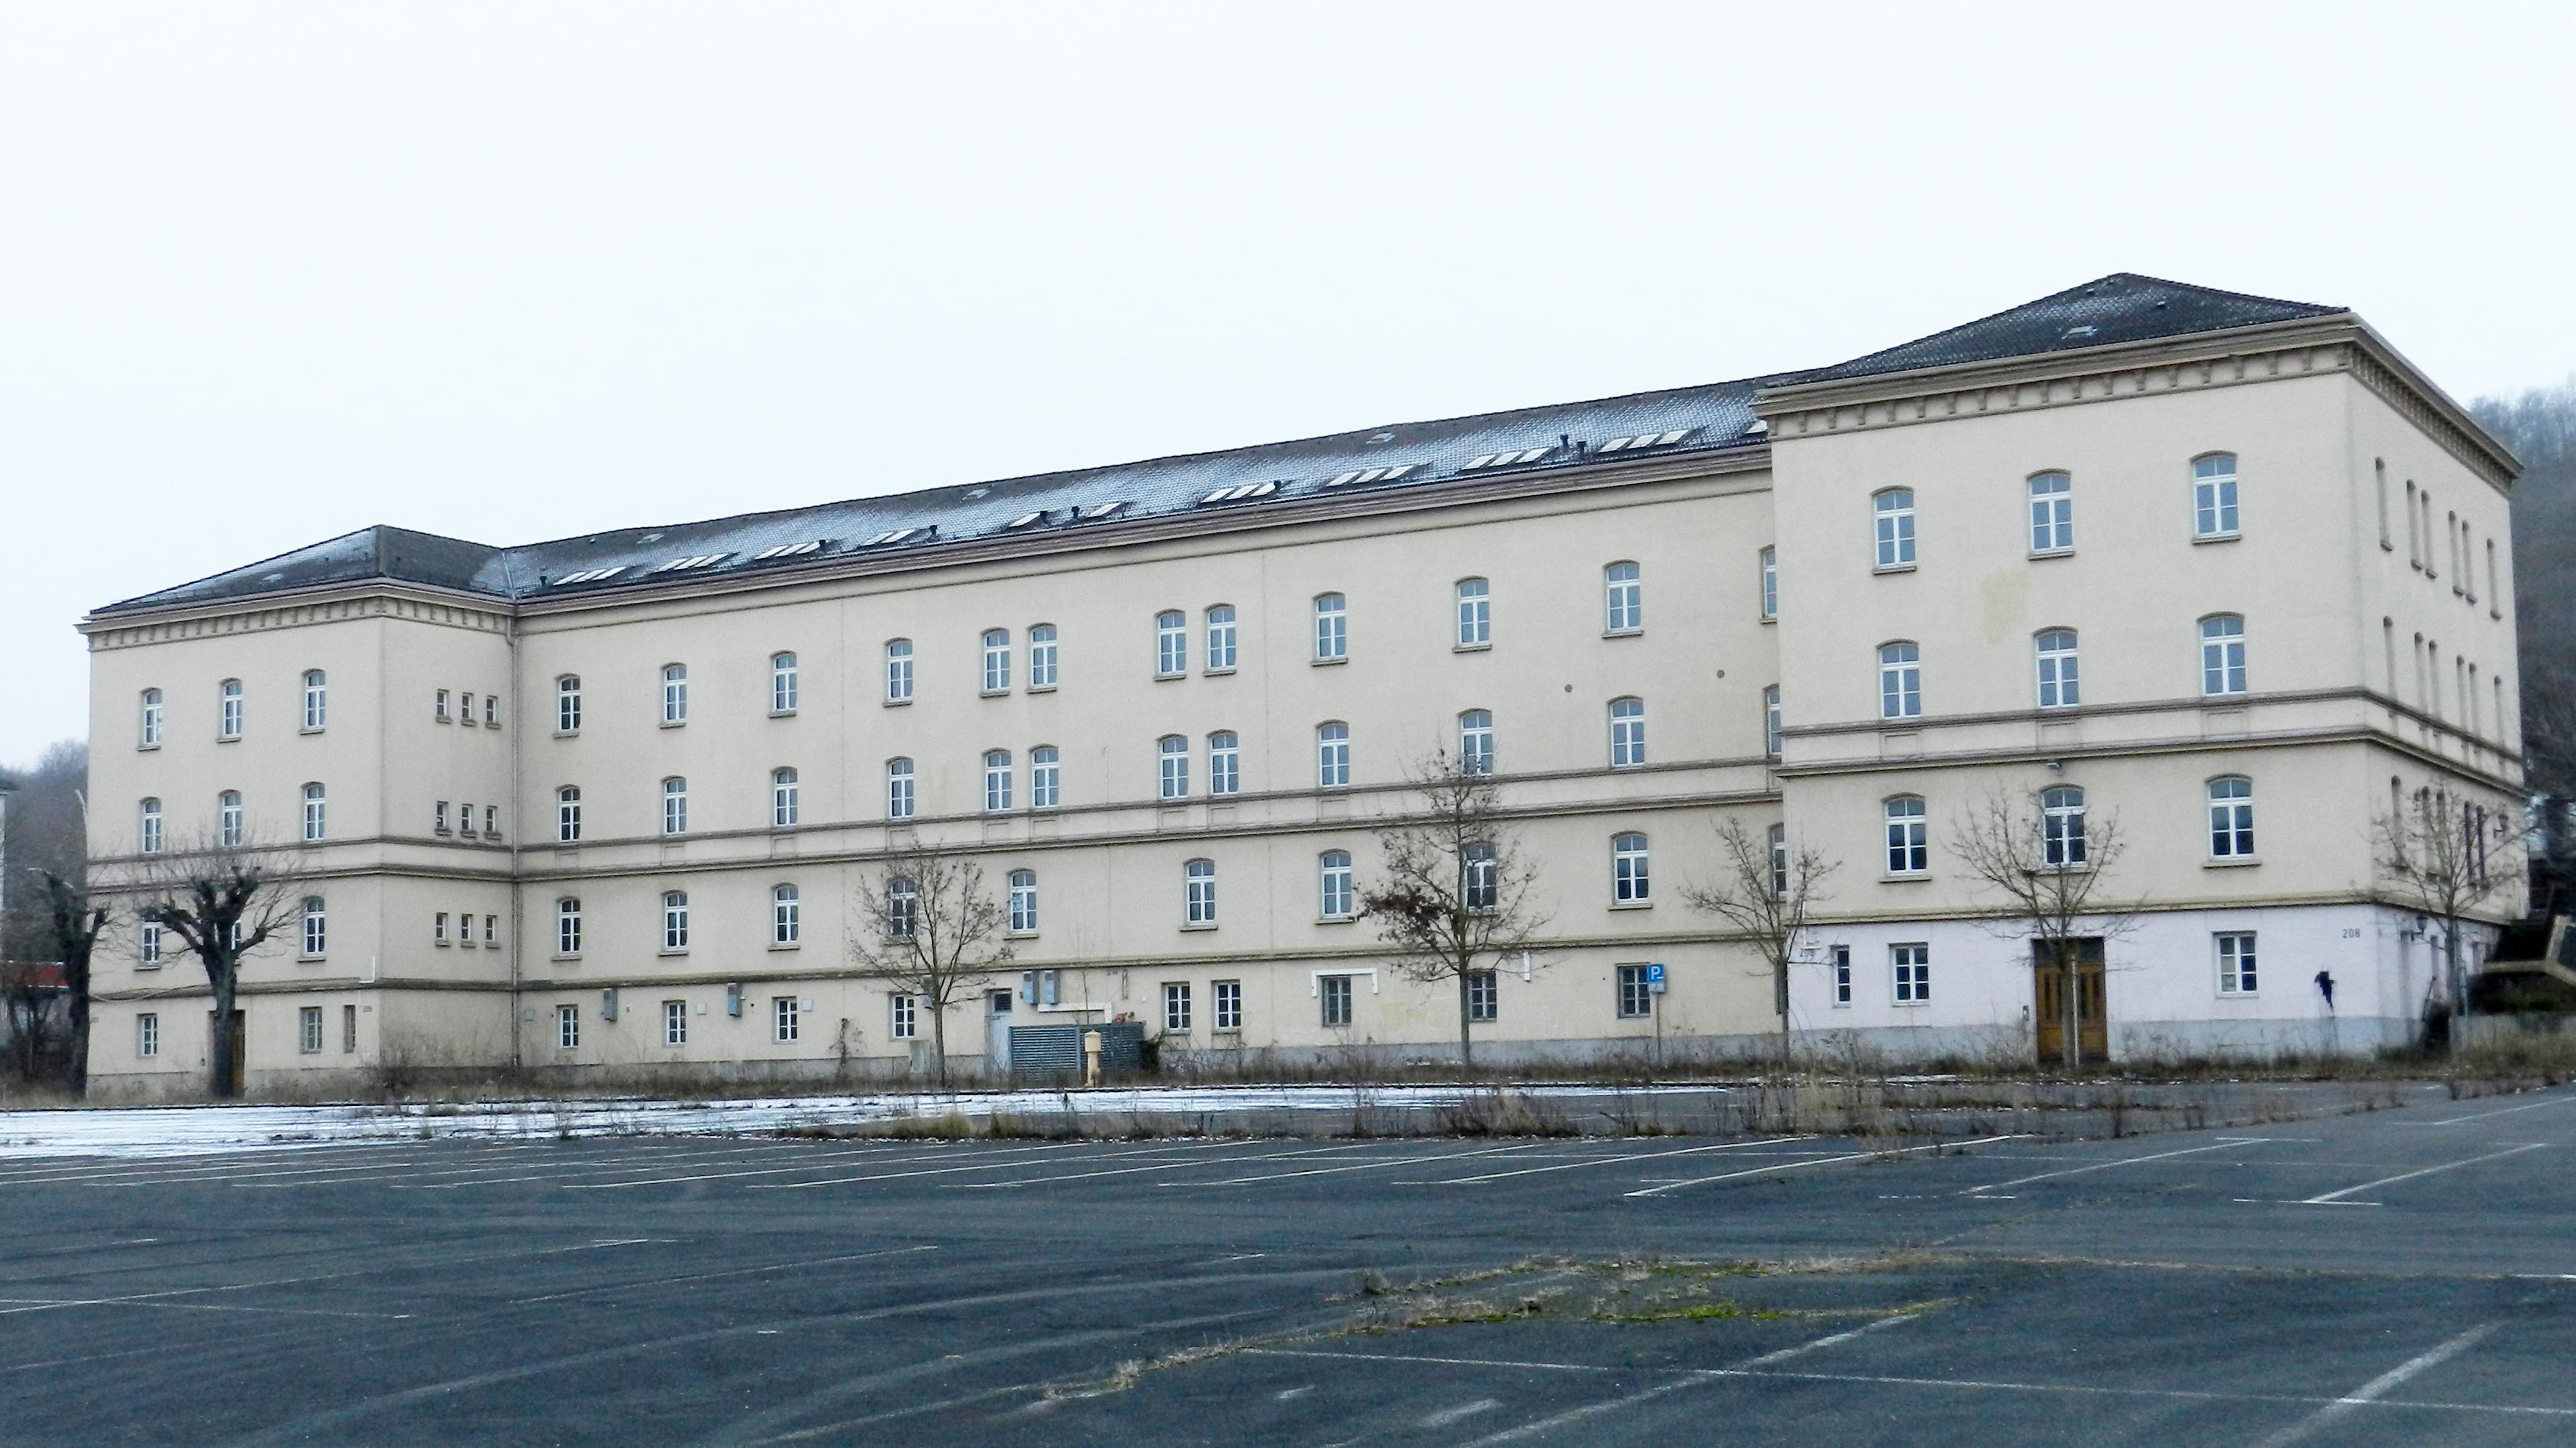 Die ehemalige Faulenberg-Kaserne in Würzburg